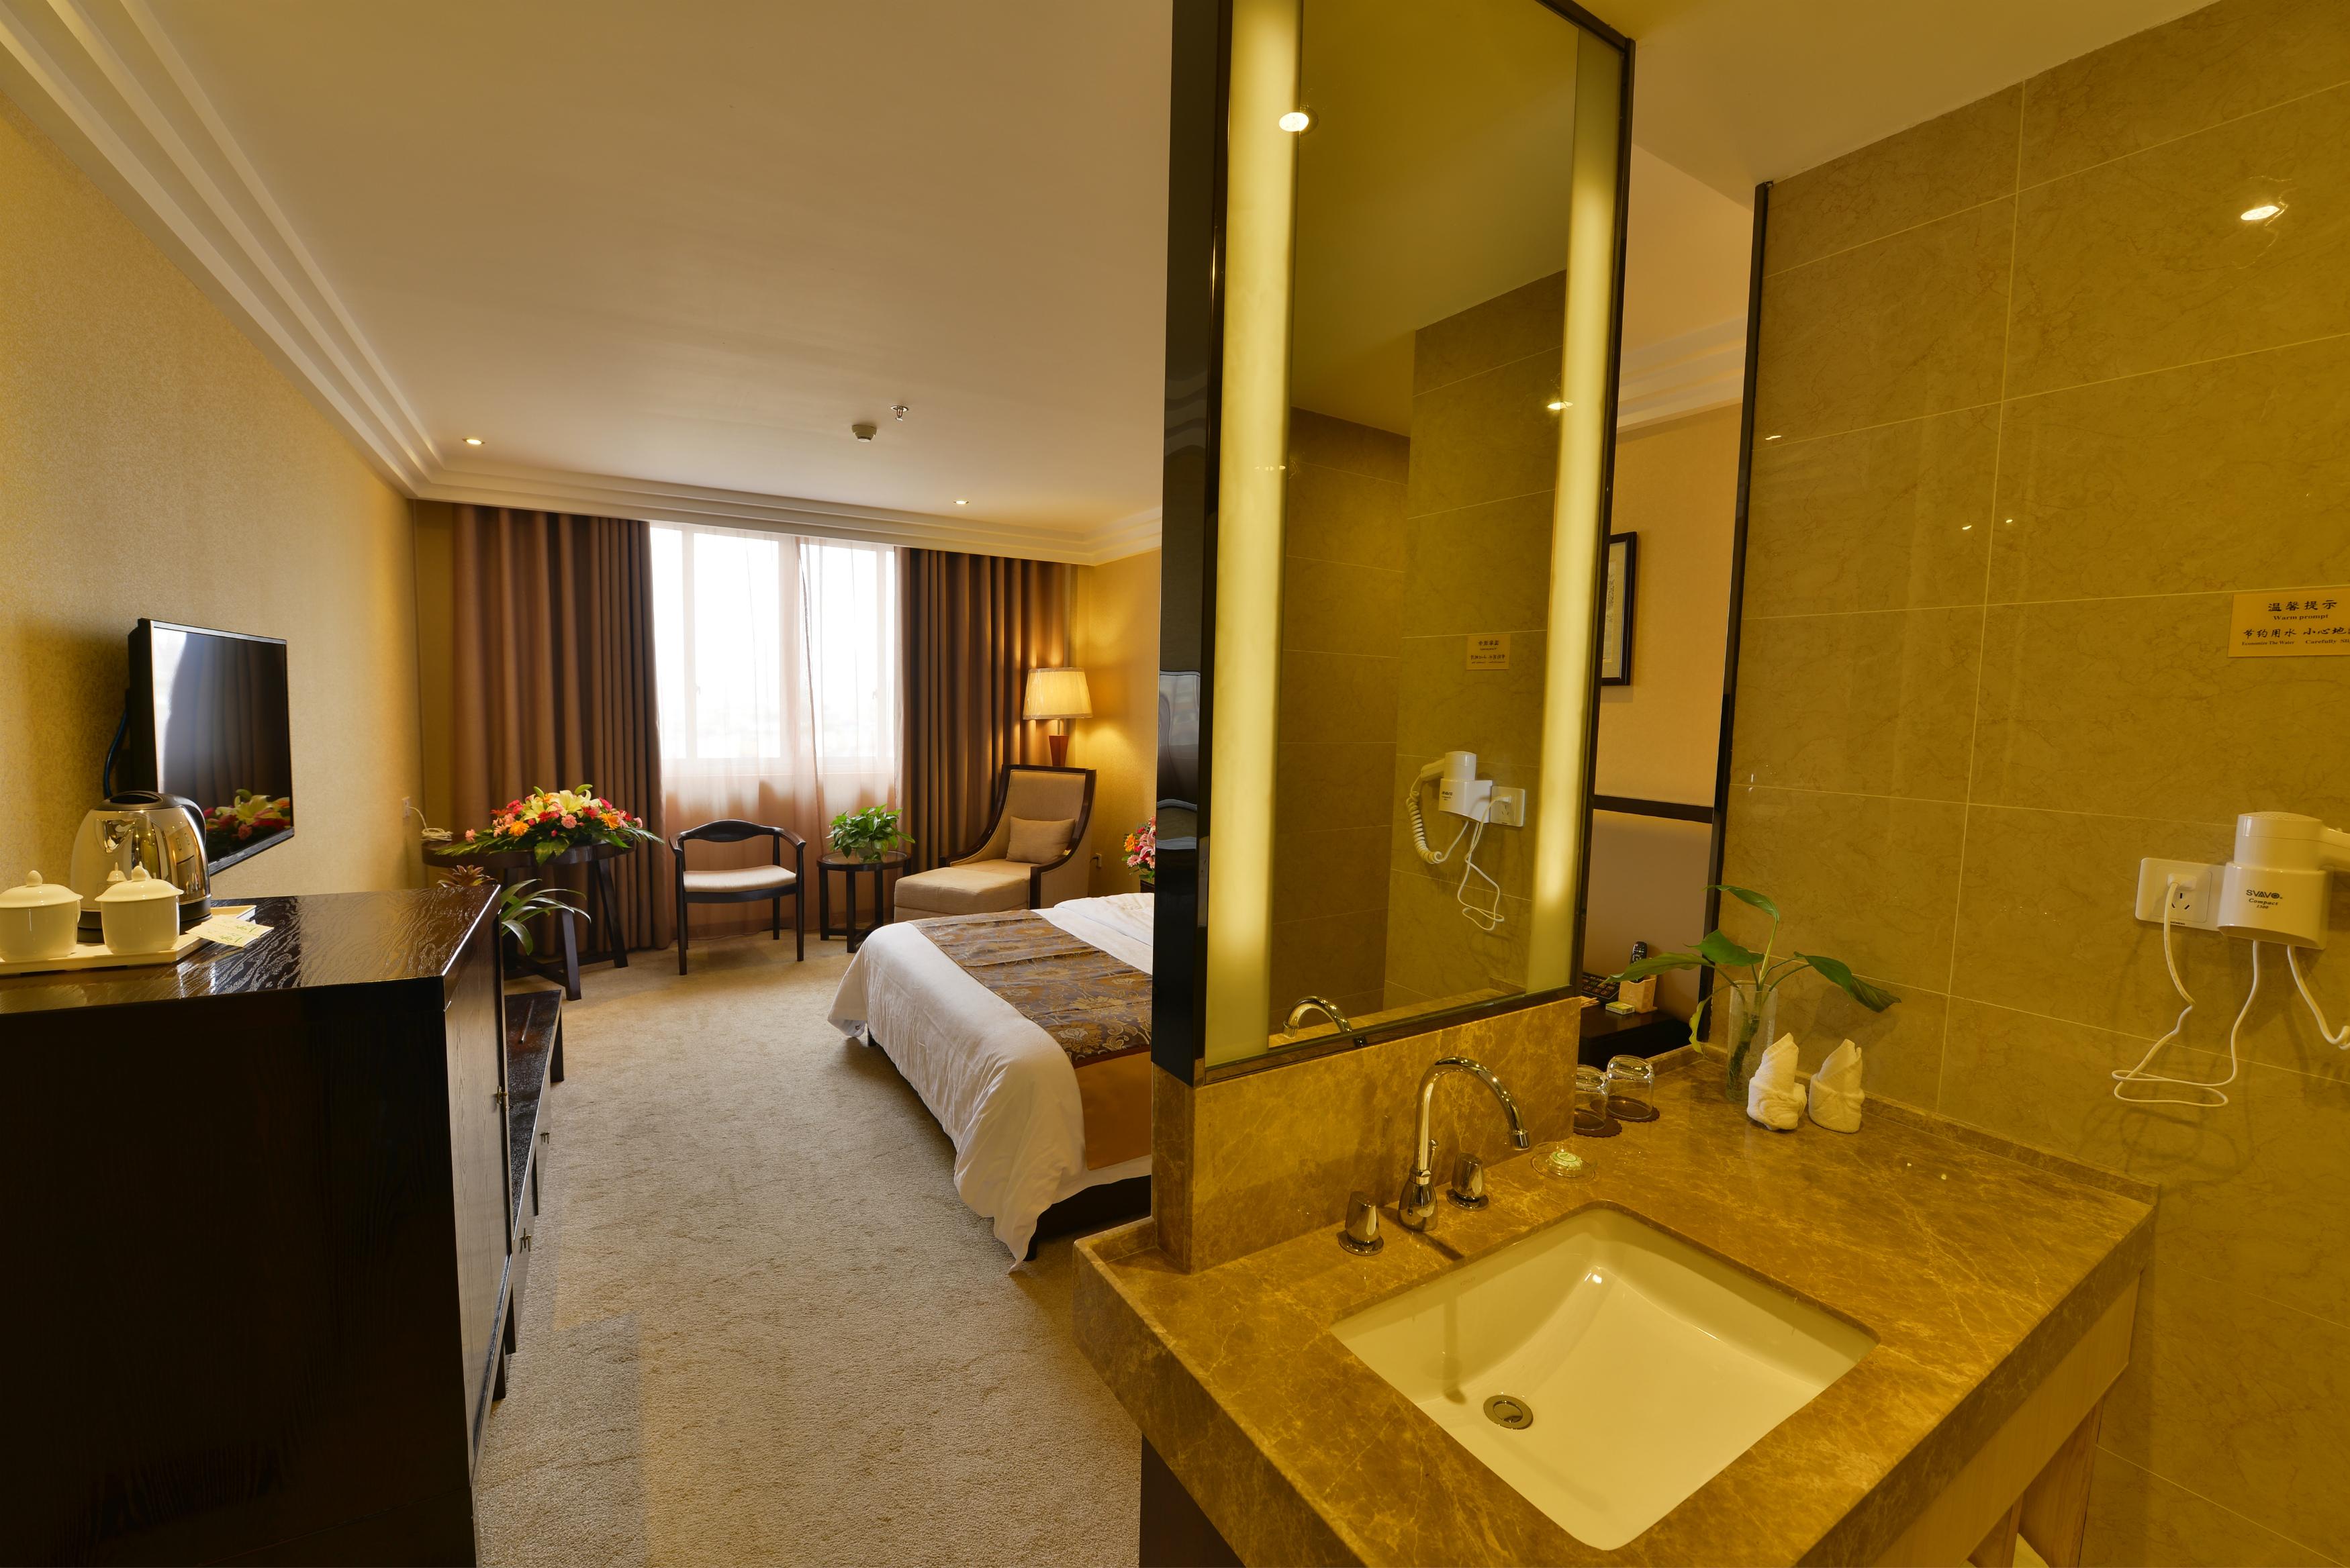 鸿丰娱乐网上投注_桂林鸿丰·景城国际大酒店#卫生间是不是没门啊?